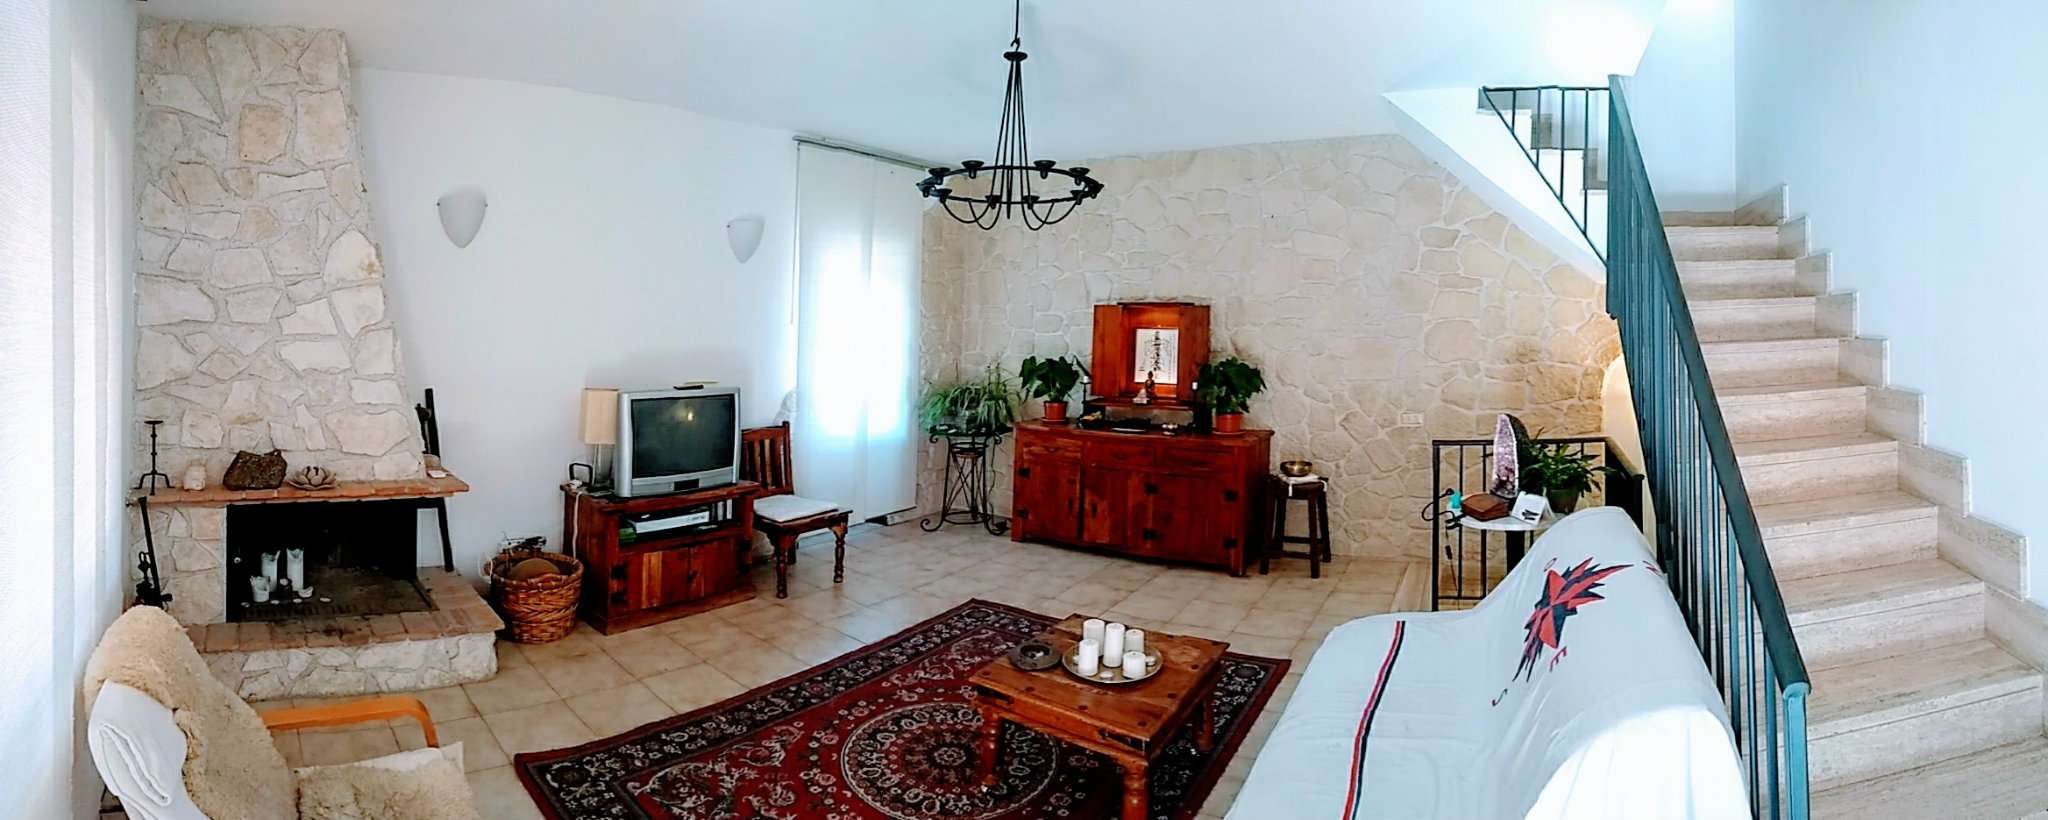 Villa Tri-Quadrifamiliare in vendita a Magliano Romano, 3 locali, prezzo € 75.000 | CambioCasa.it